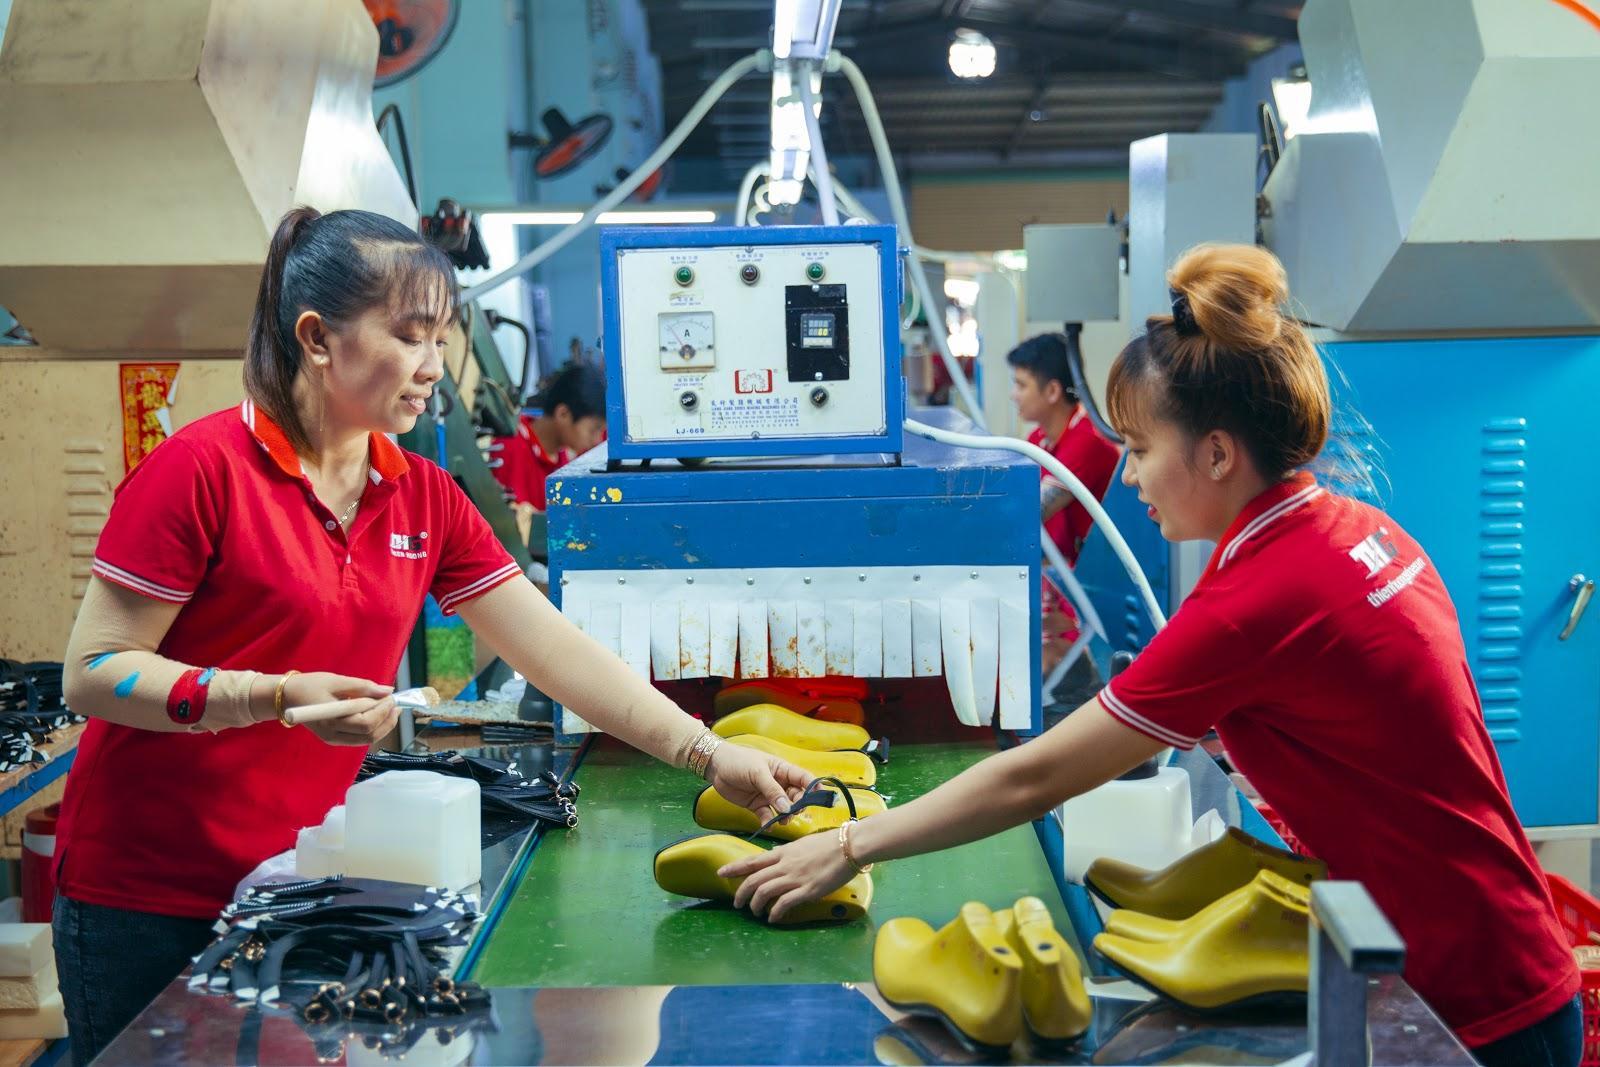 Thienghuongshoes – Bỏ sỉ giày cao gót uy tín, giá rẻ